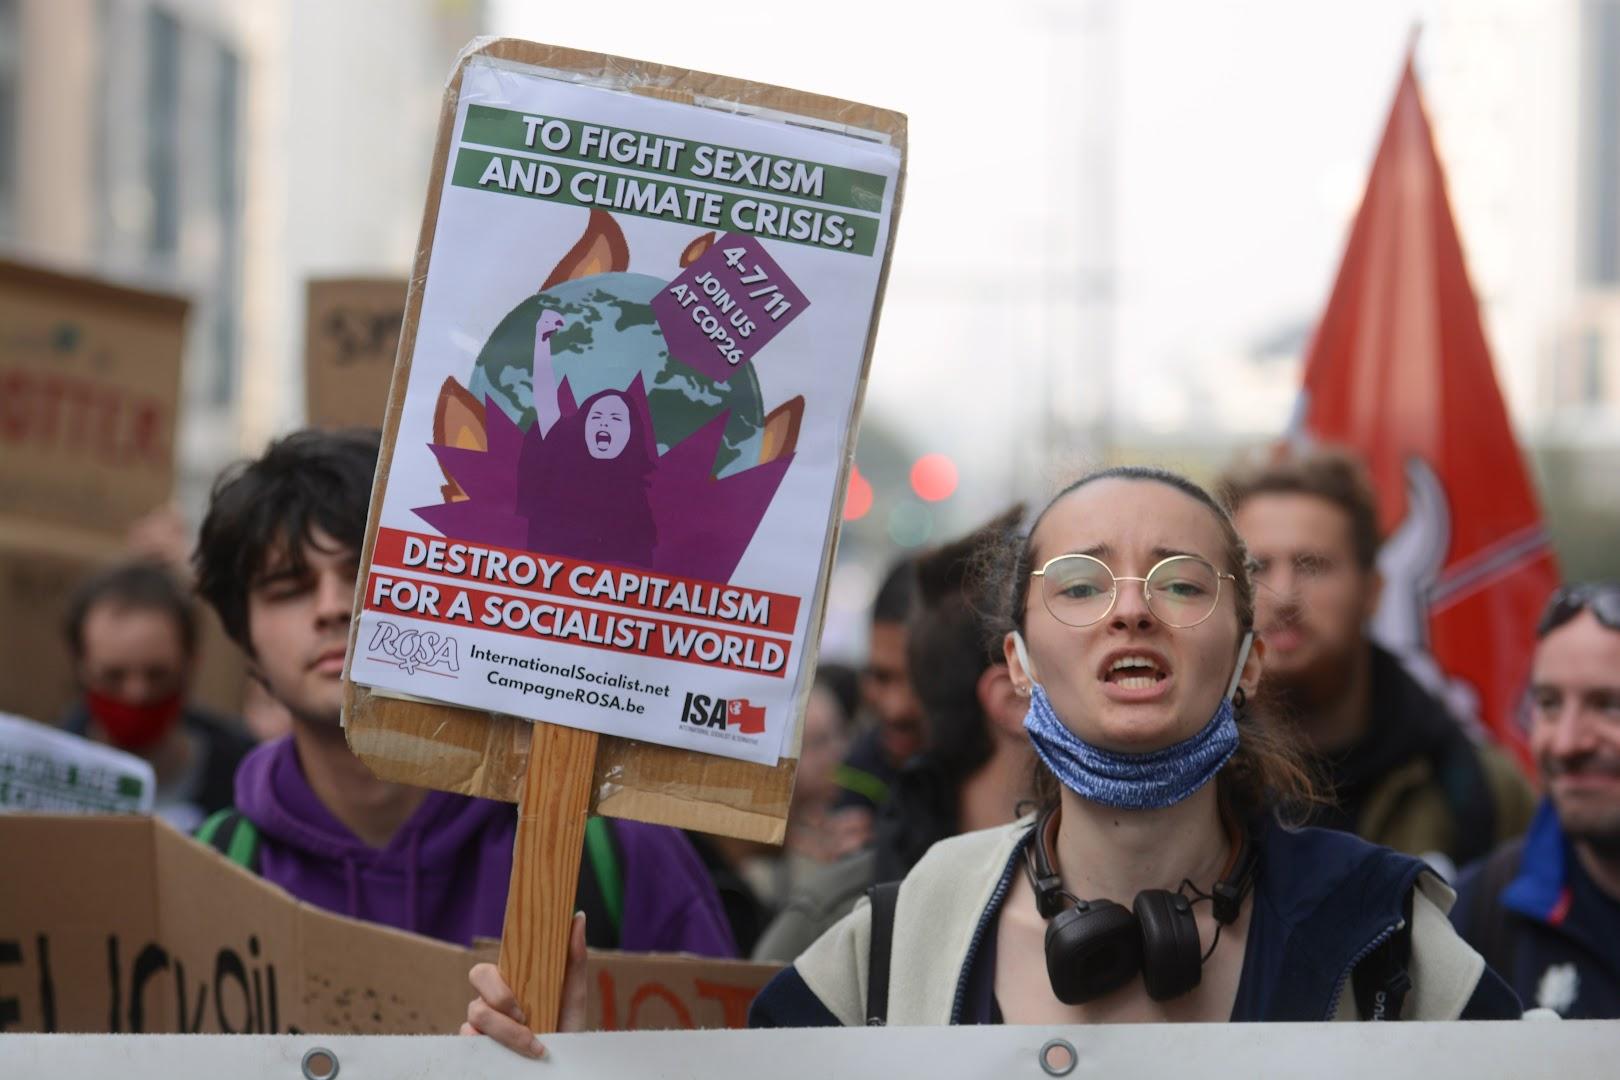 Manifestation pour le climat : nous étions 70.000 à Bruxelles !